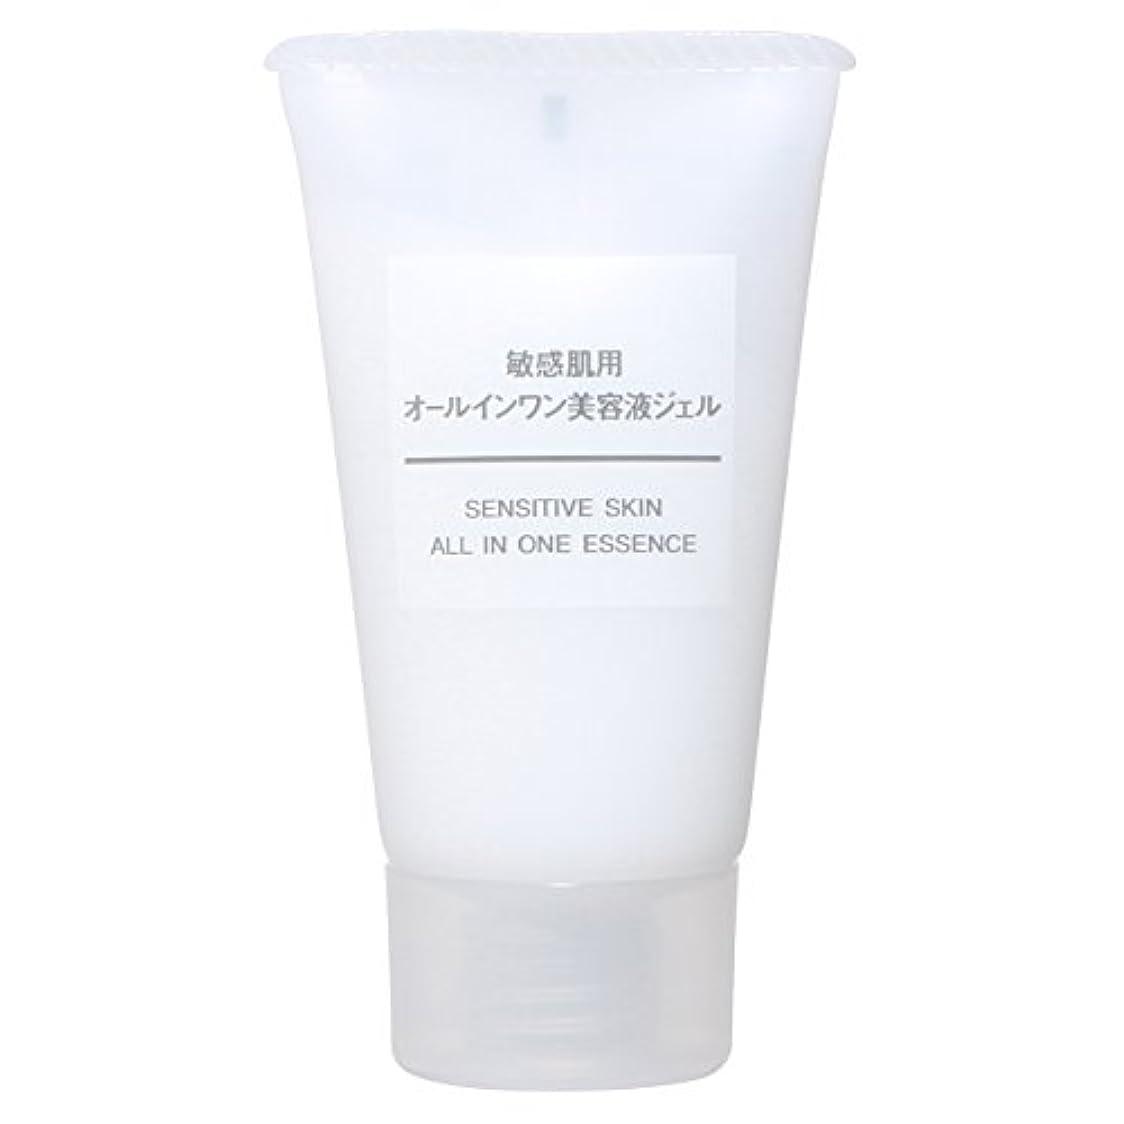 海港気を散らす夢無印良品 敏感肌用オールインワン美容液ジェル(携帯用) 30g